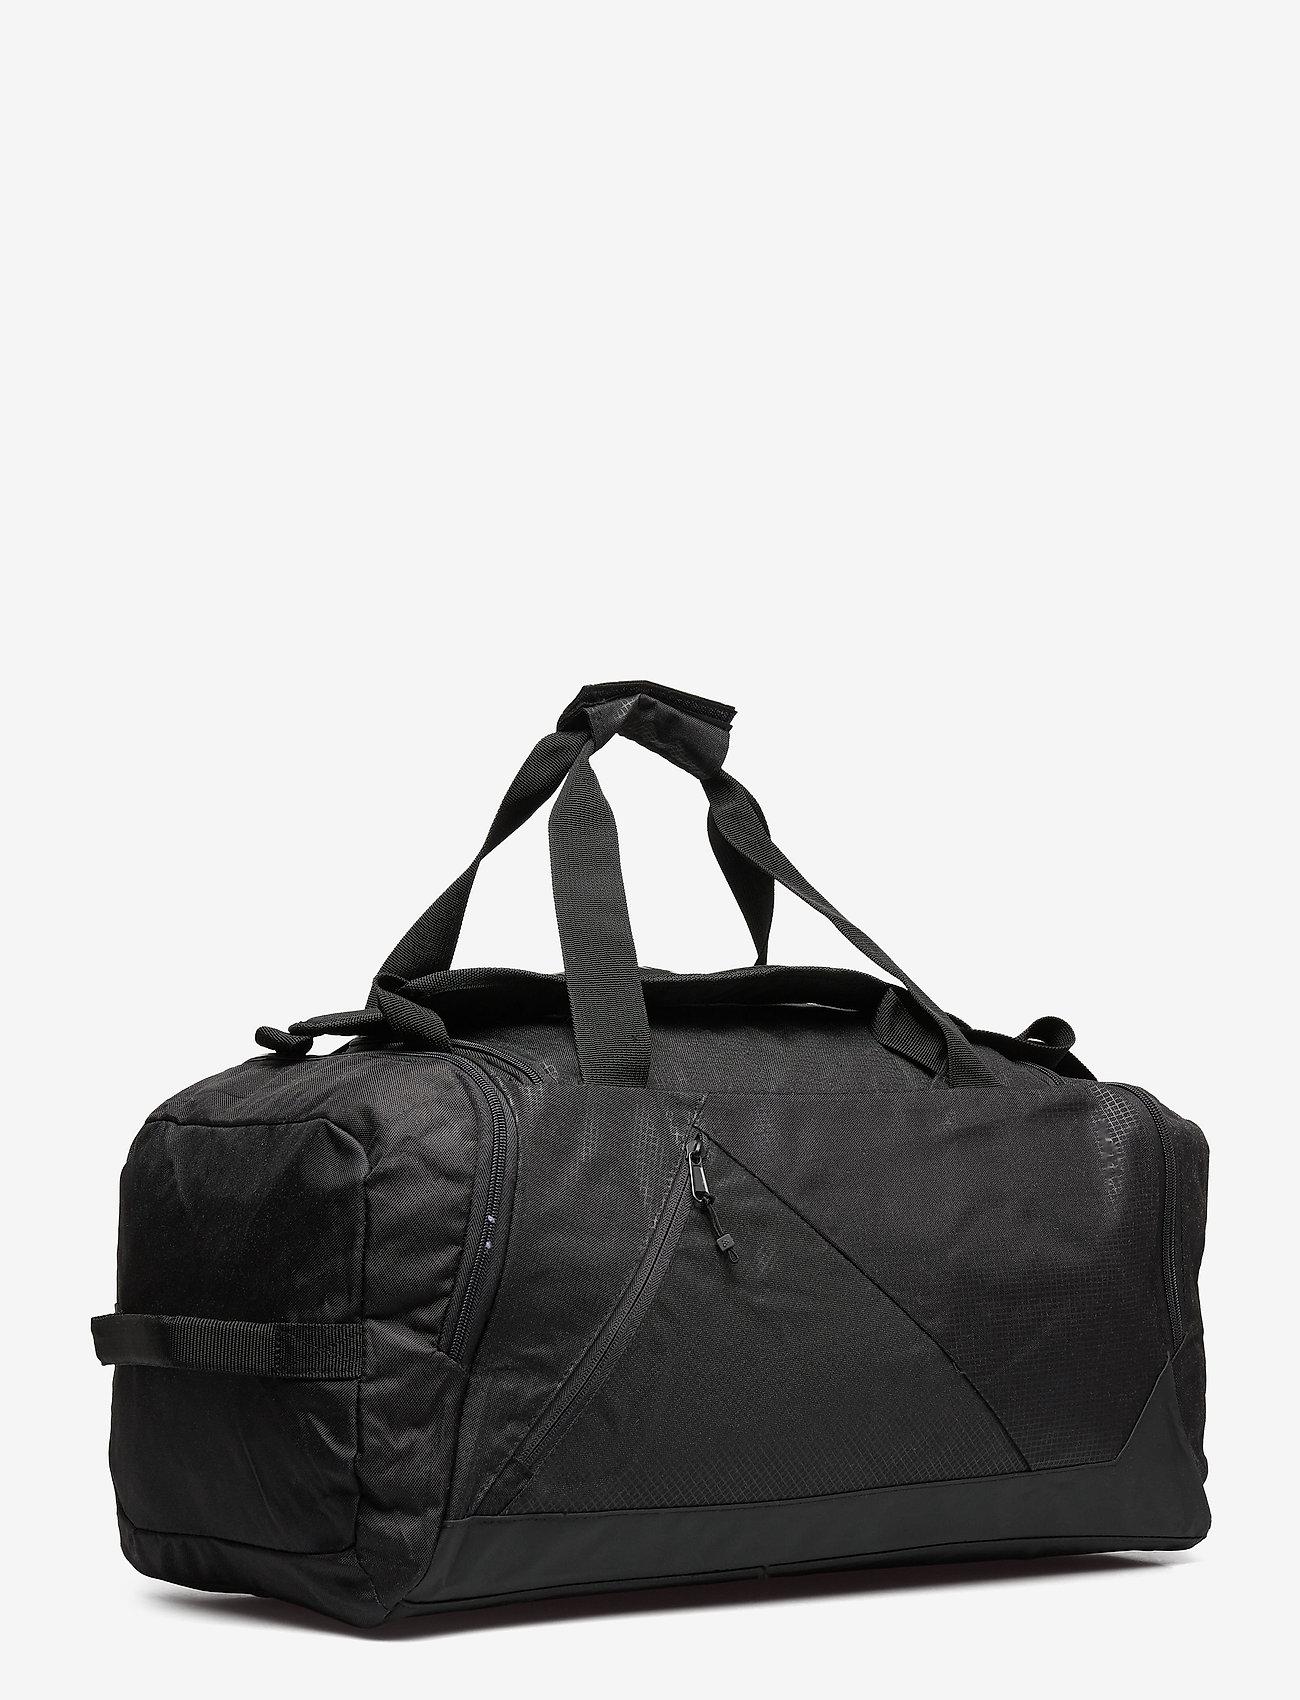 Craft - TRANSIT 45L  - sacs de sport - black - 1